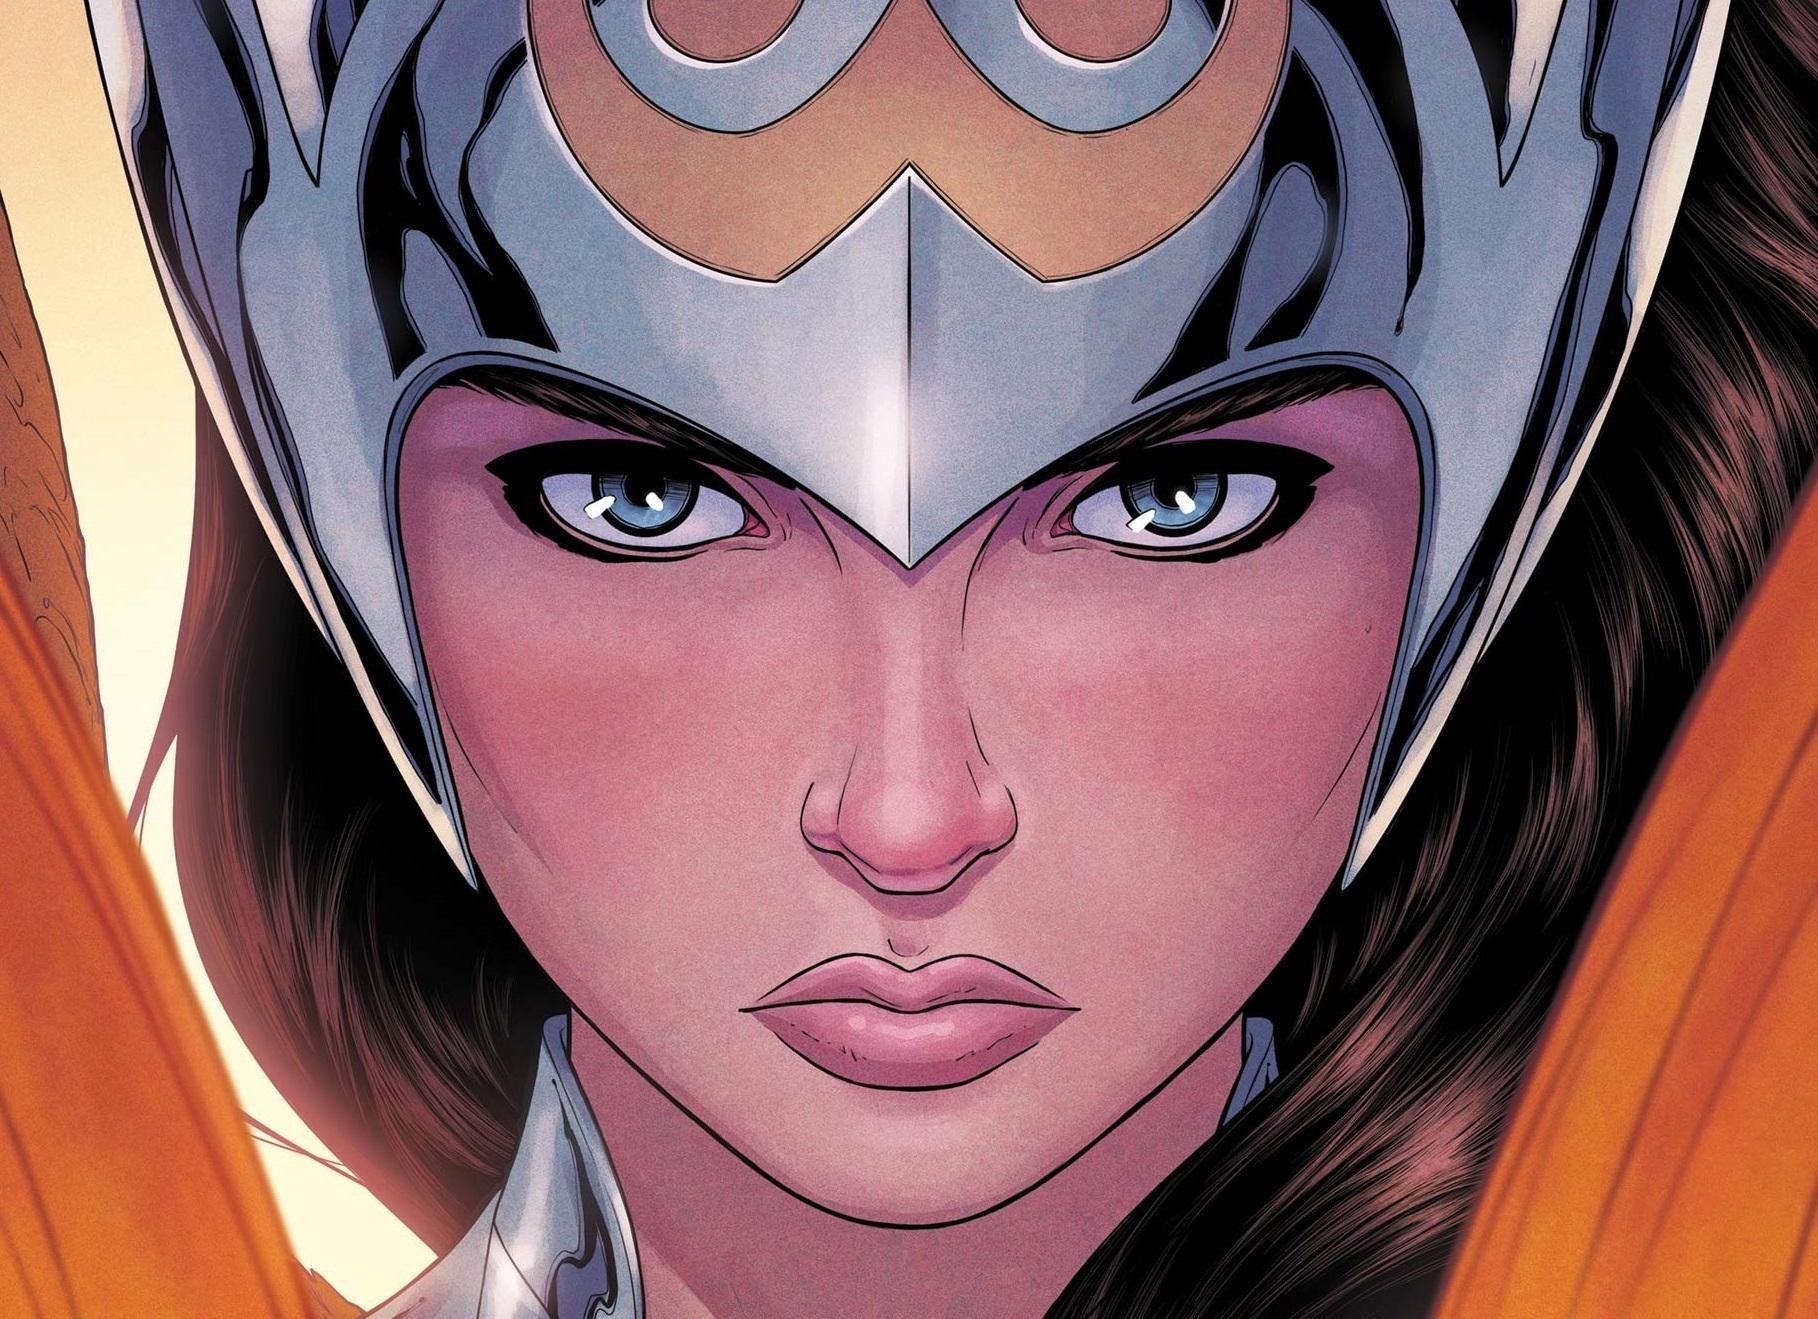 【漫威宇宙相關】當現任女武神遇到前任女武神的愛人...會發生什麼事?